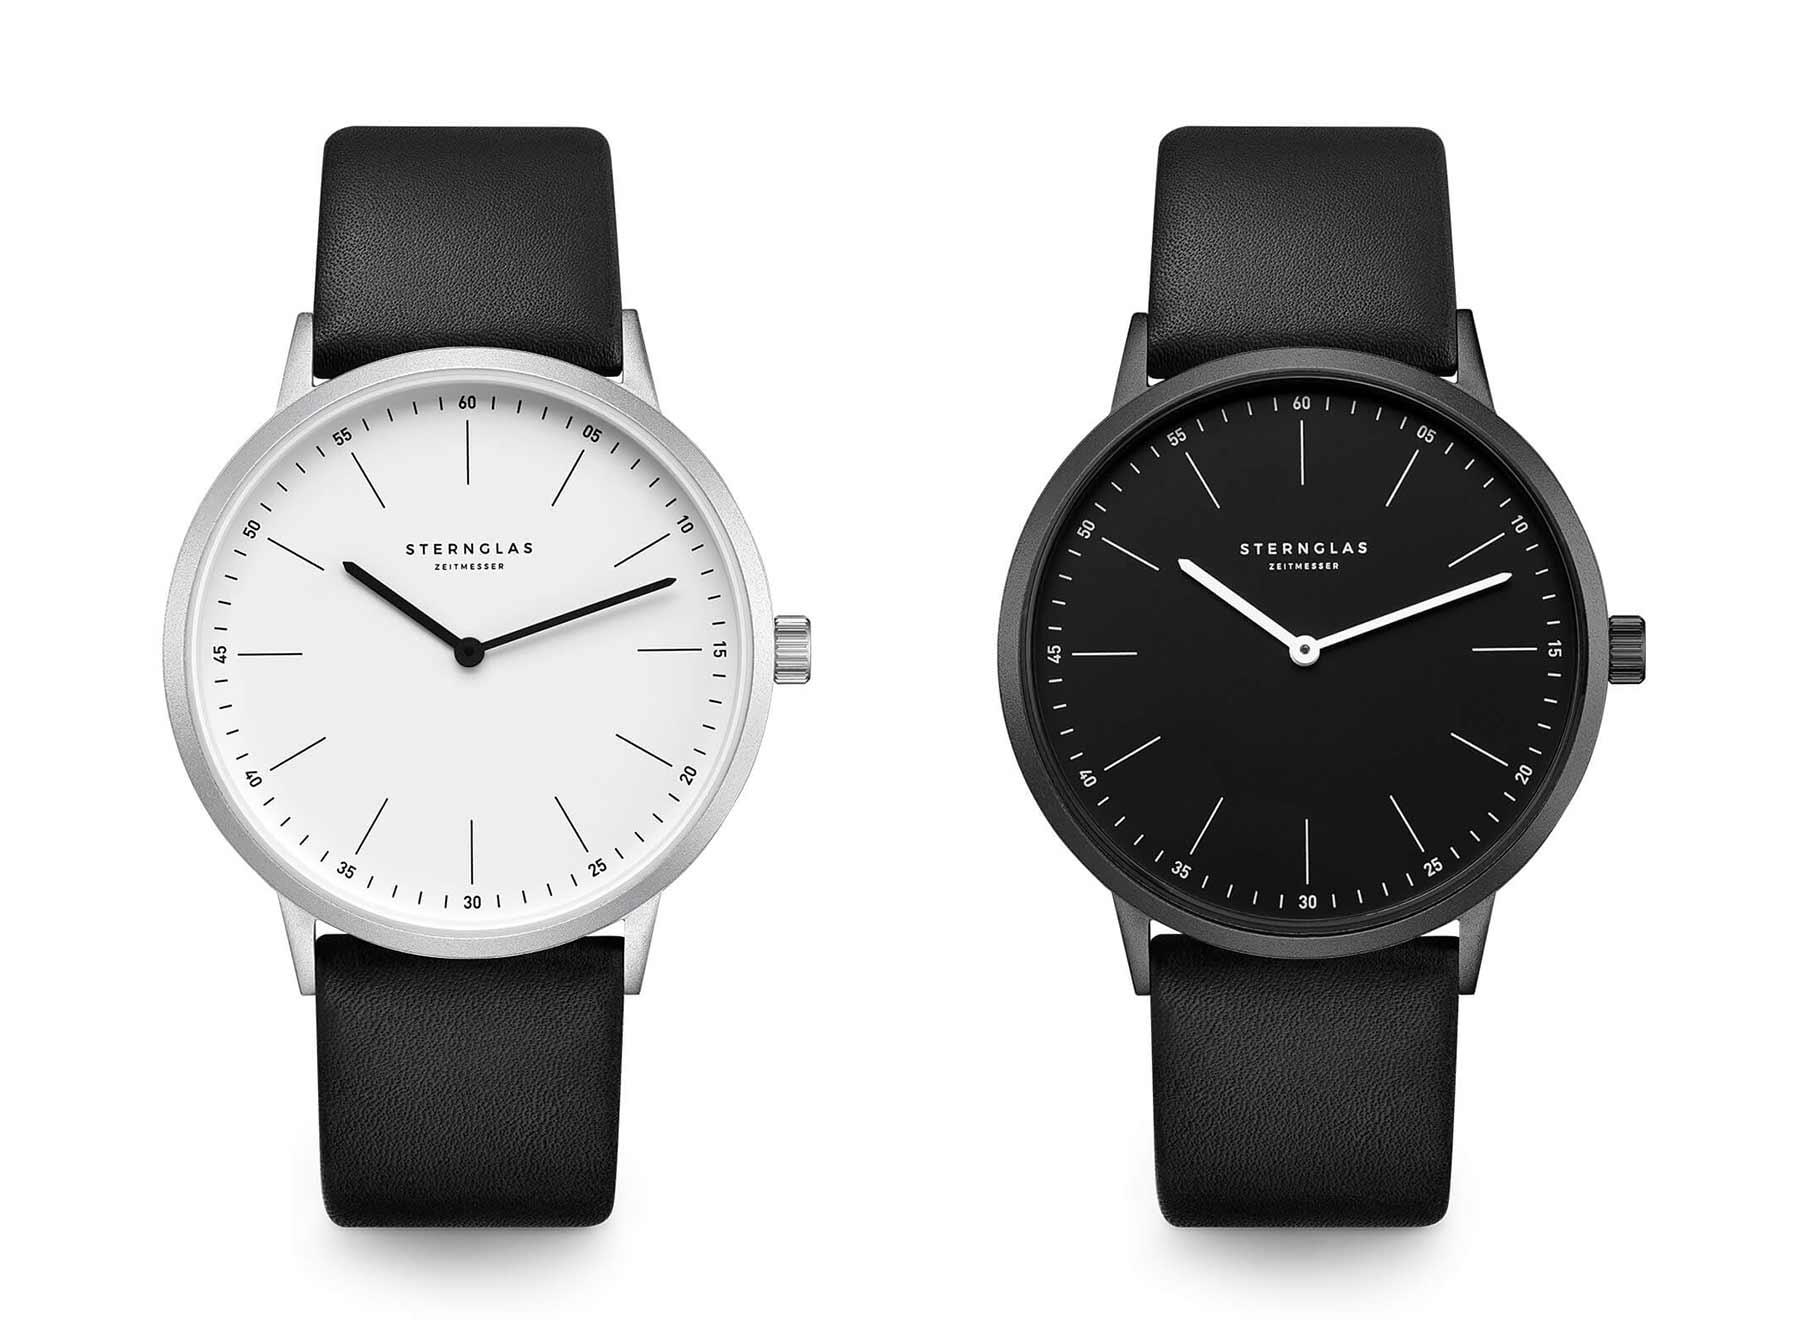 Extra leichte Armbanduhr im Bauhausdesign: Die neue STERNGLAS Modesto Sternglas_Modesto_Armbanduhr_Test_05